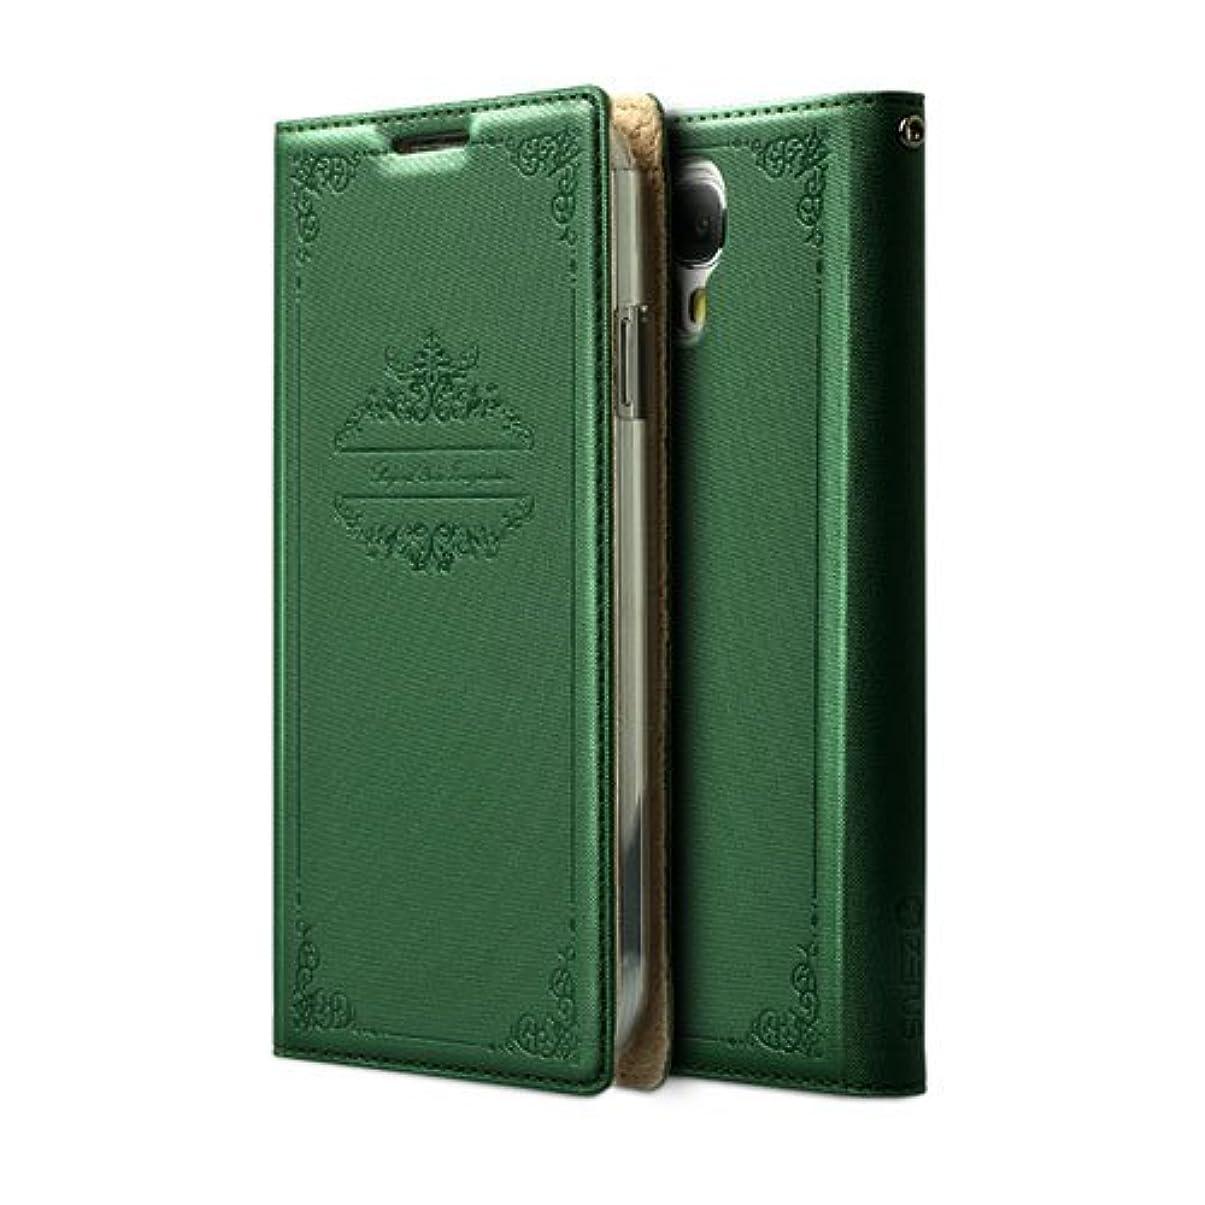 溶かす休日立ち寄る【日本正規代理店品】ZENUS Galaxy S4 SC-04E ケース Masstige Story Book Diary グリーン 手帳タイプ 自動on/off対応 Z1978GS4